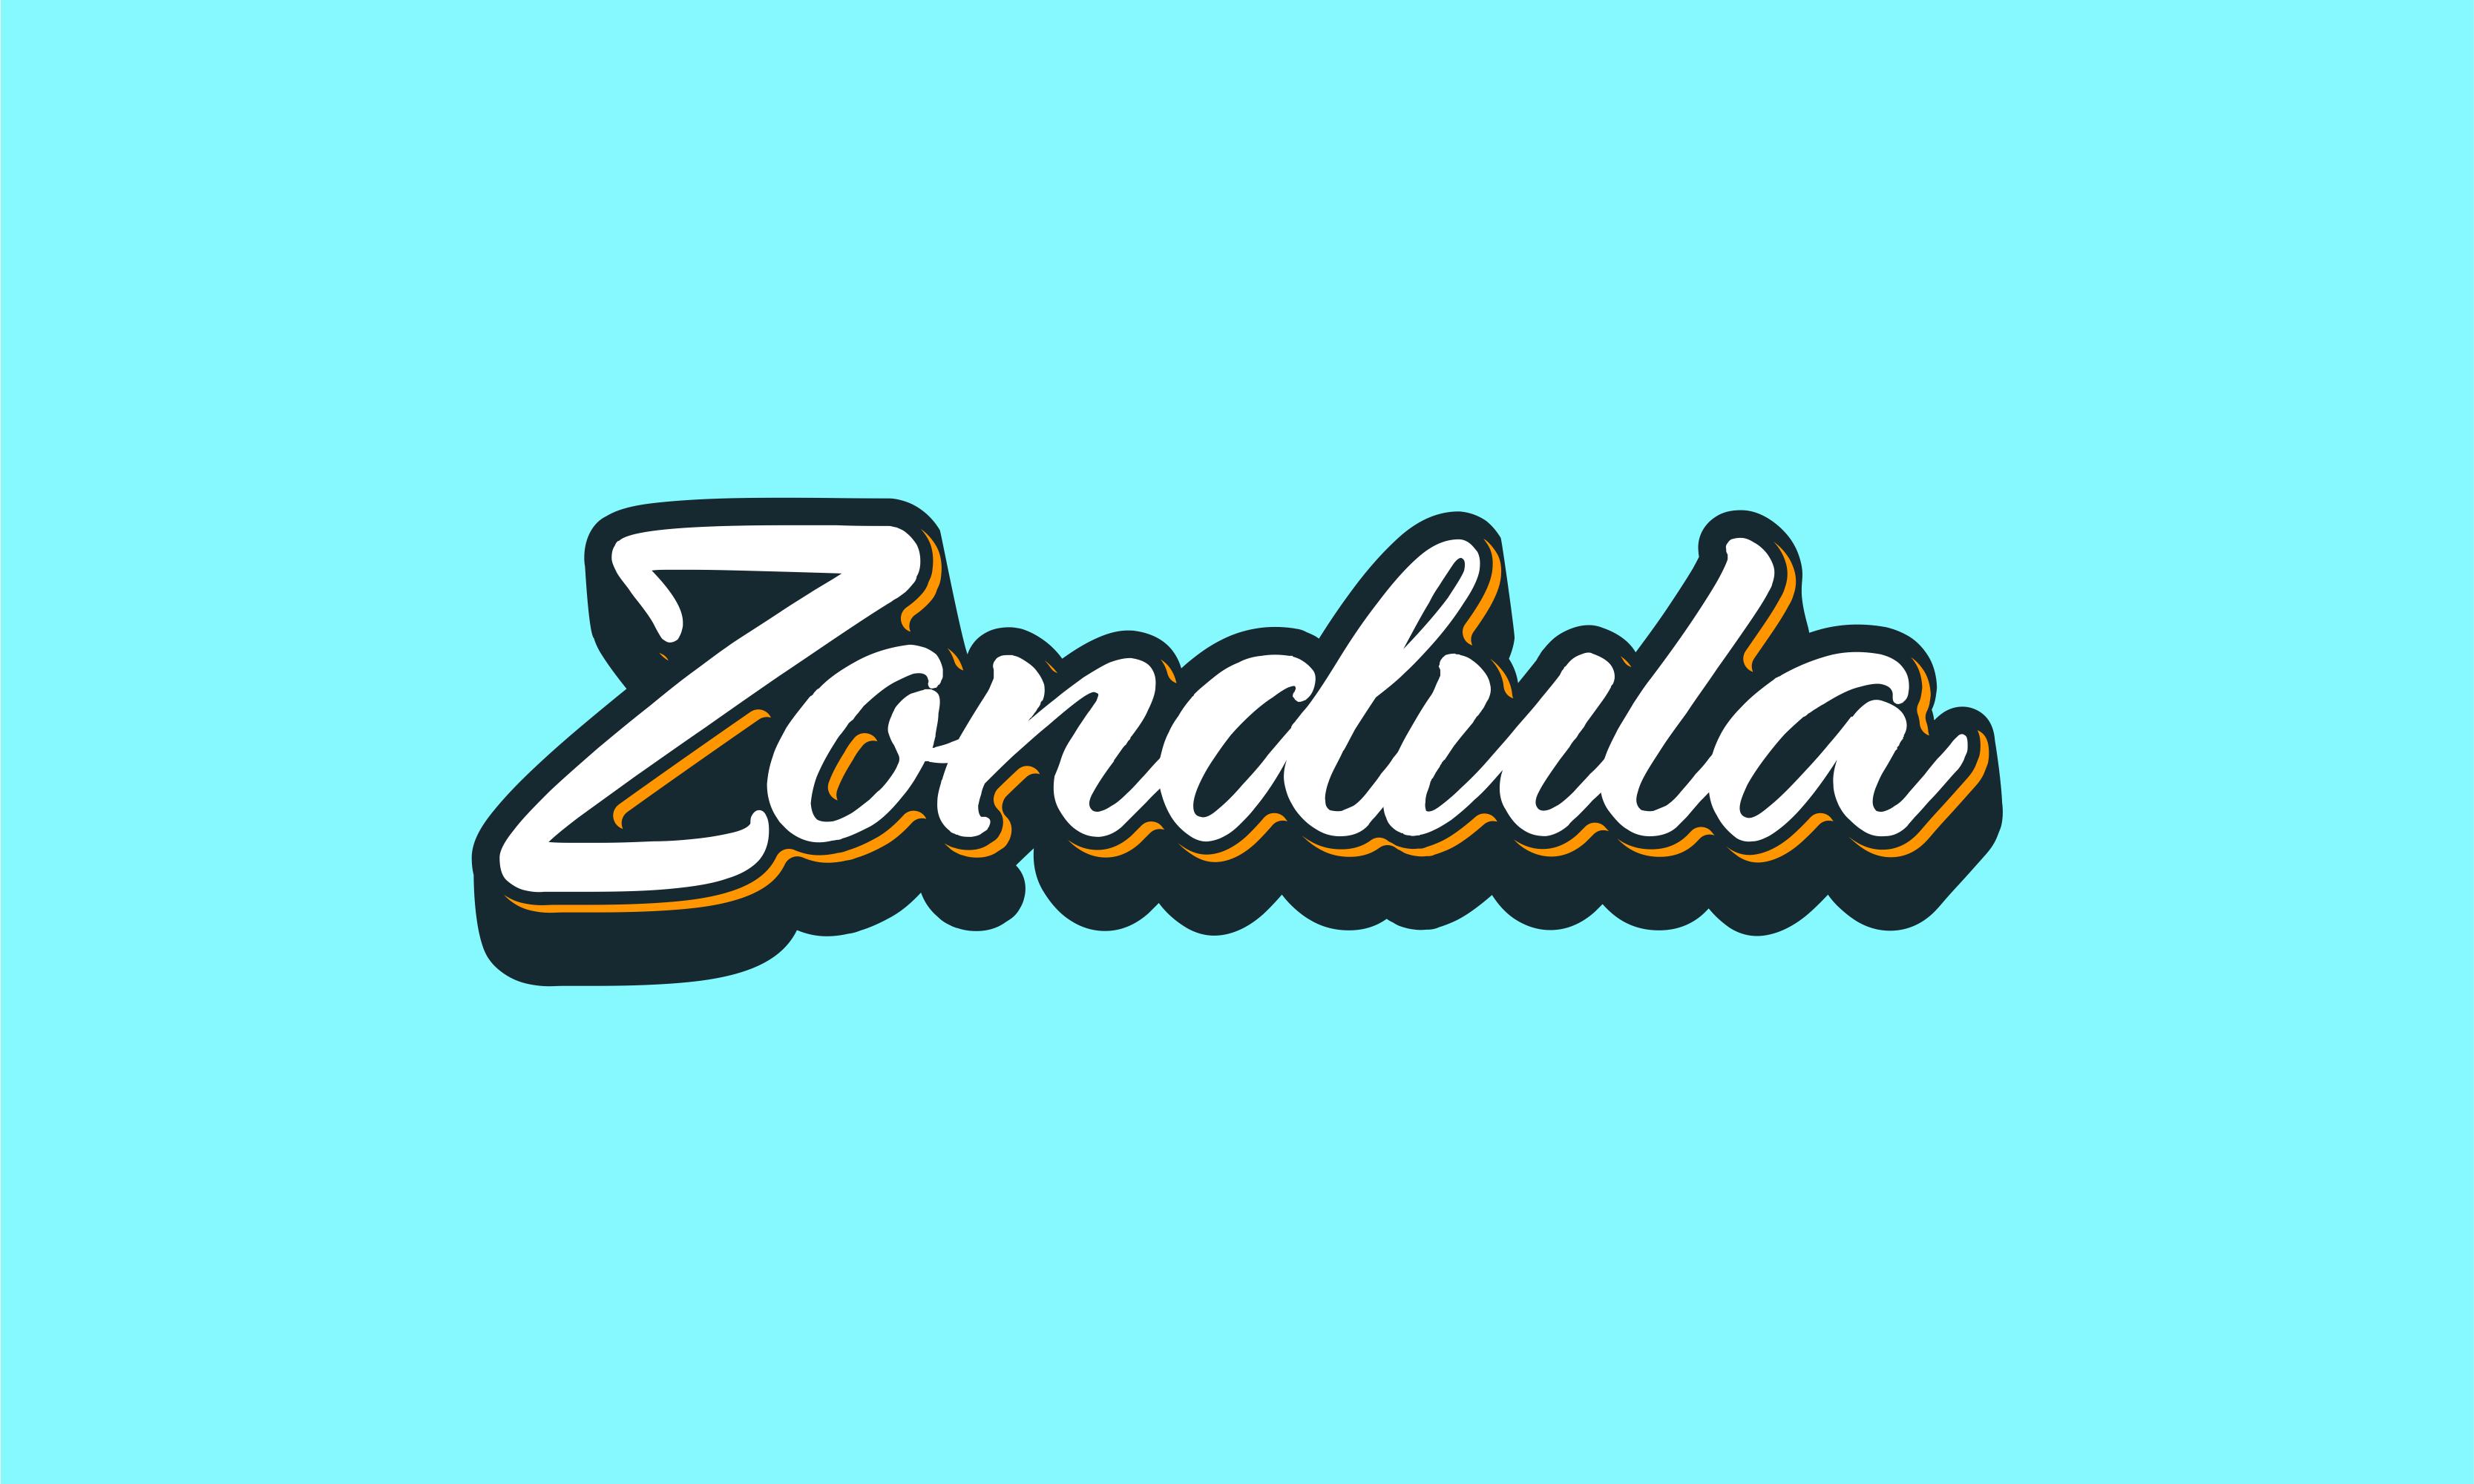 Zondula